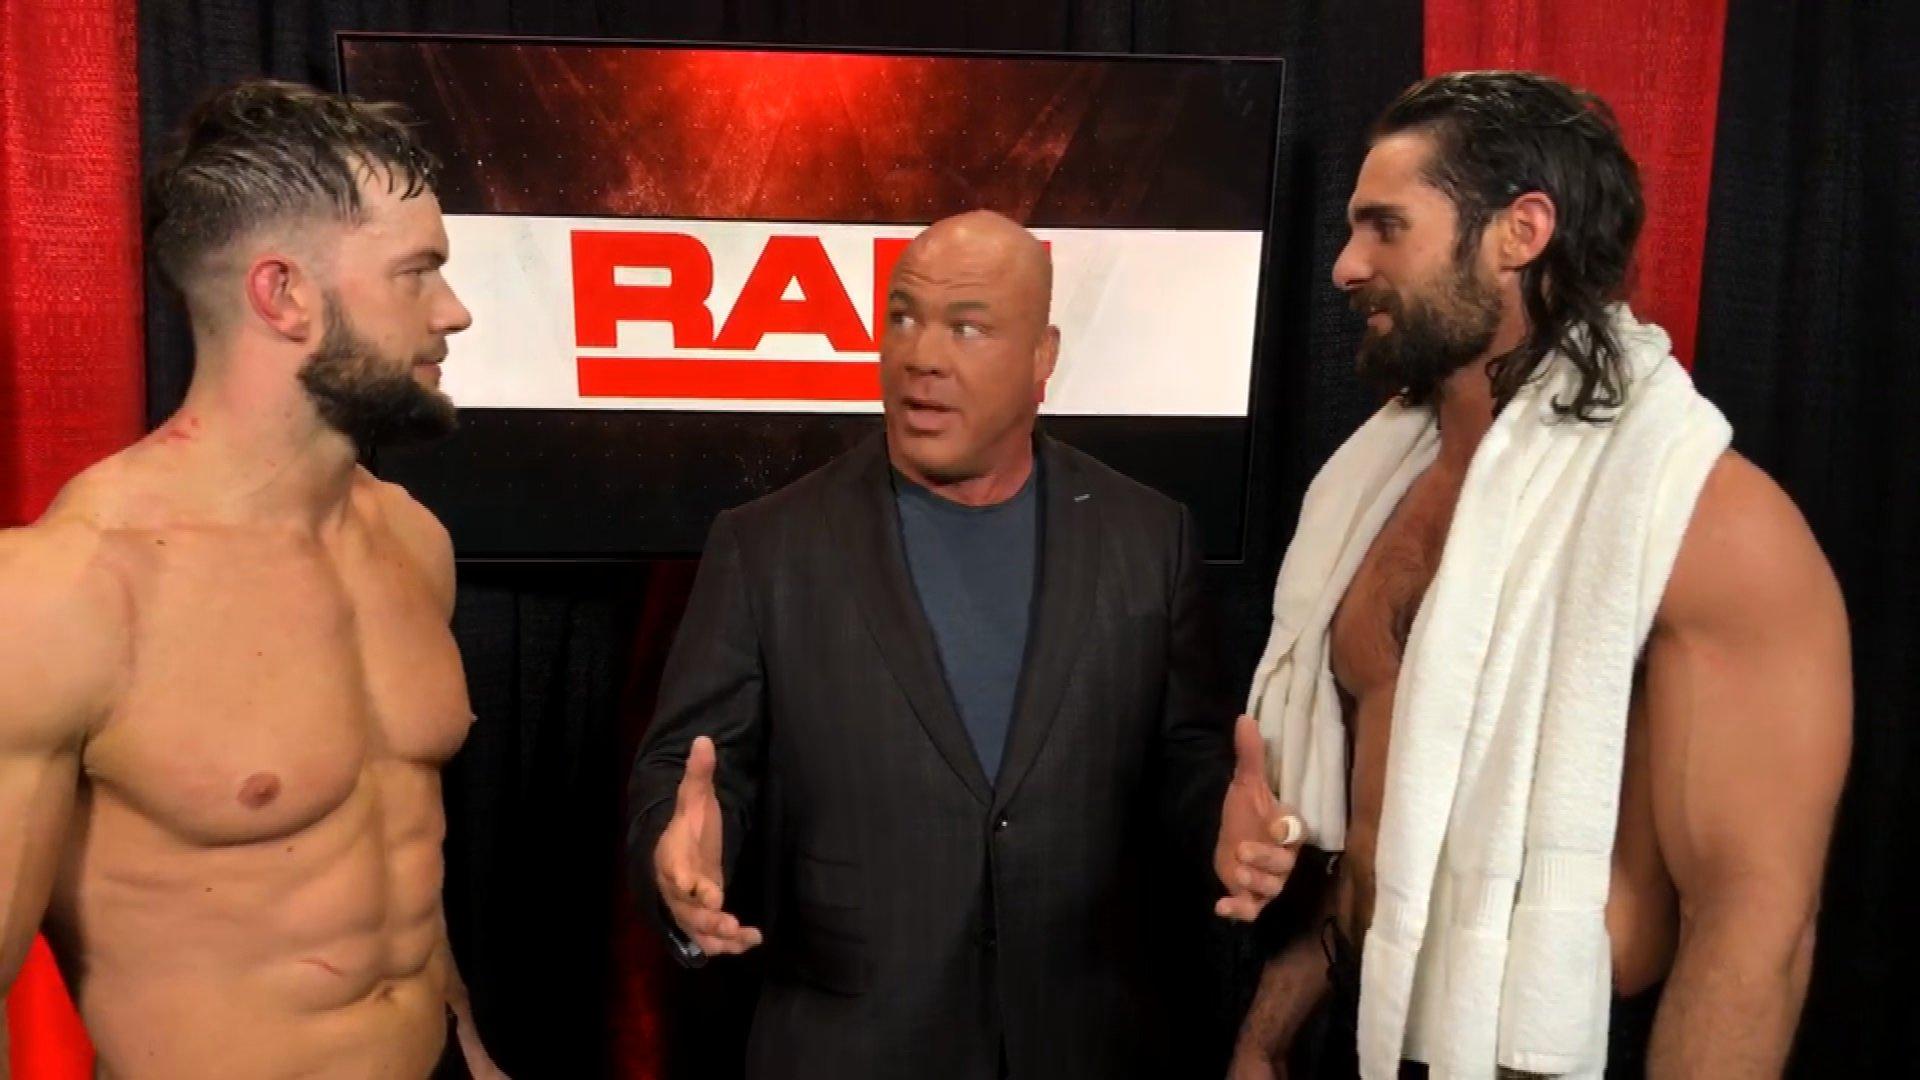 Le MG de Raw Kurt Angle prend une décision historique pour le Match Elimination Chamber des Hommes: Exclusivité WWE.fr, 12 Février 2018.